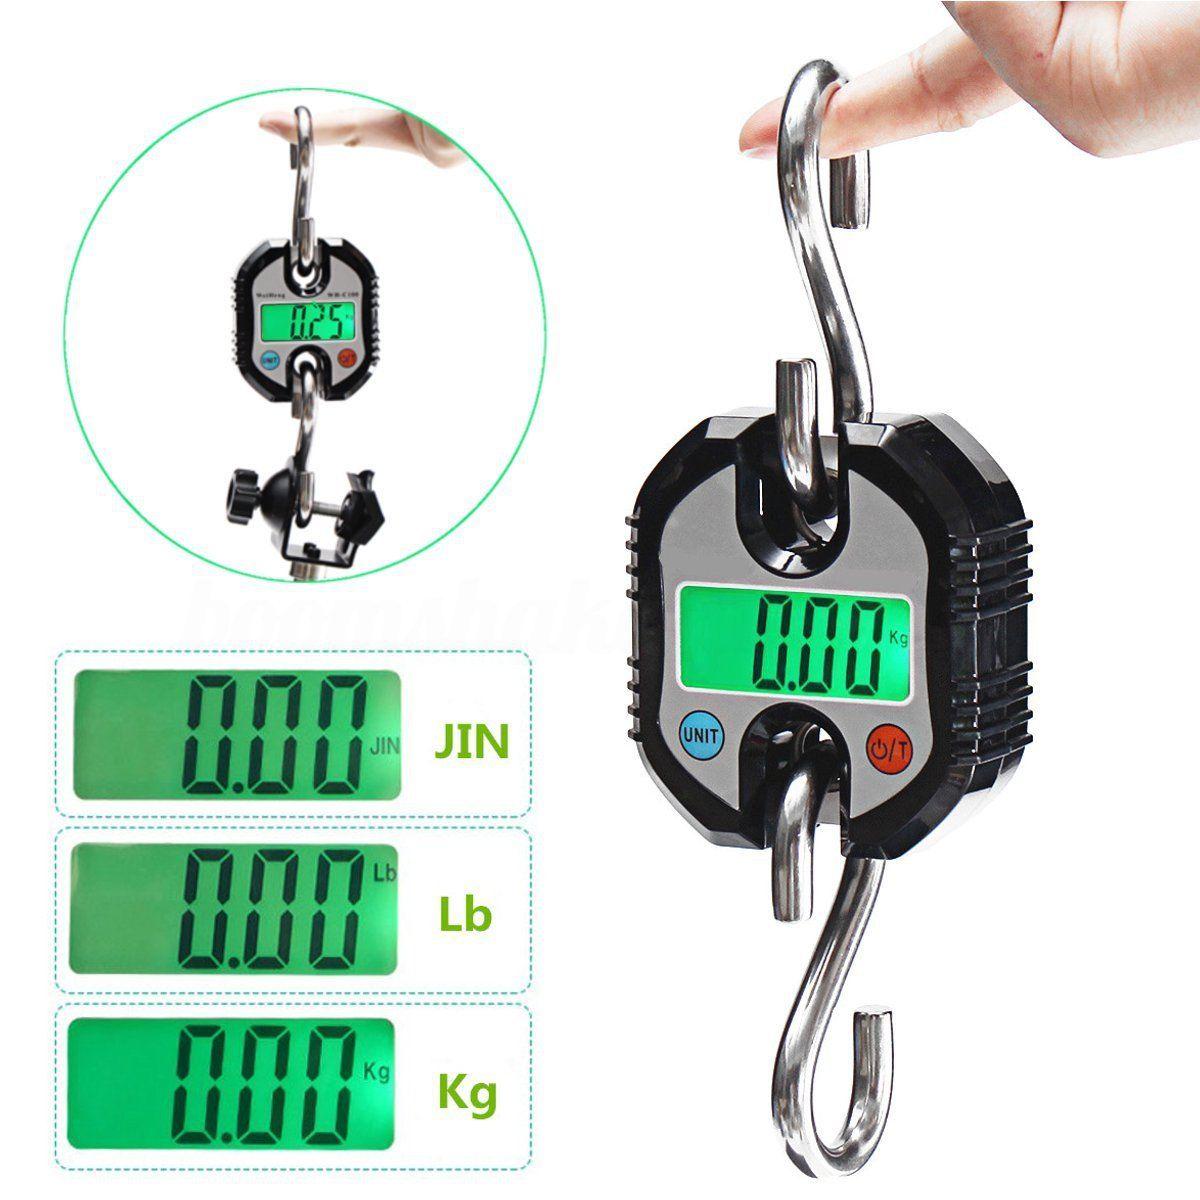 Новый мини портативный 150 кг LCD Цифровой Вес электронный крюк Висячие крановые весы